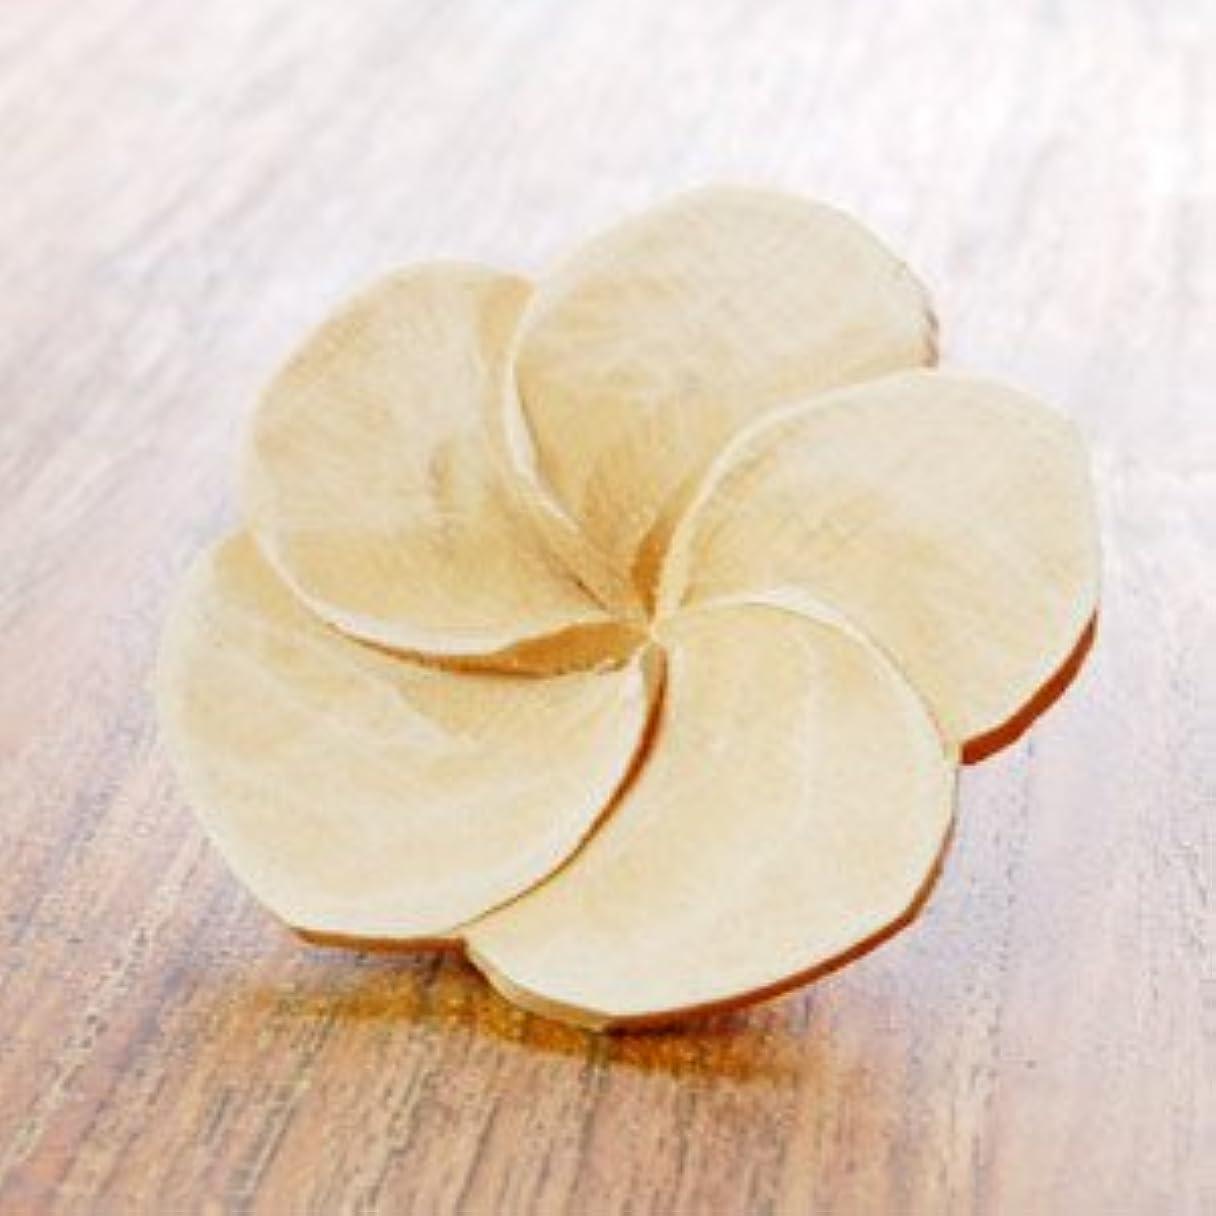 作動する偽装するどちらも【アジア工房】プルメリアの花びらをモチーフにした木製アロマフラワー[Aタイプ][10891] [並行輸入品]